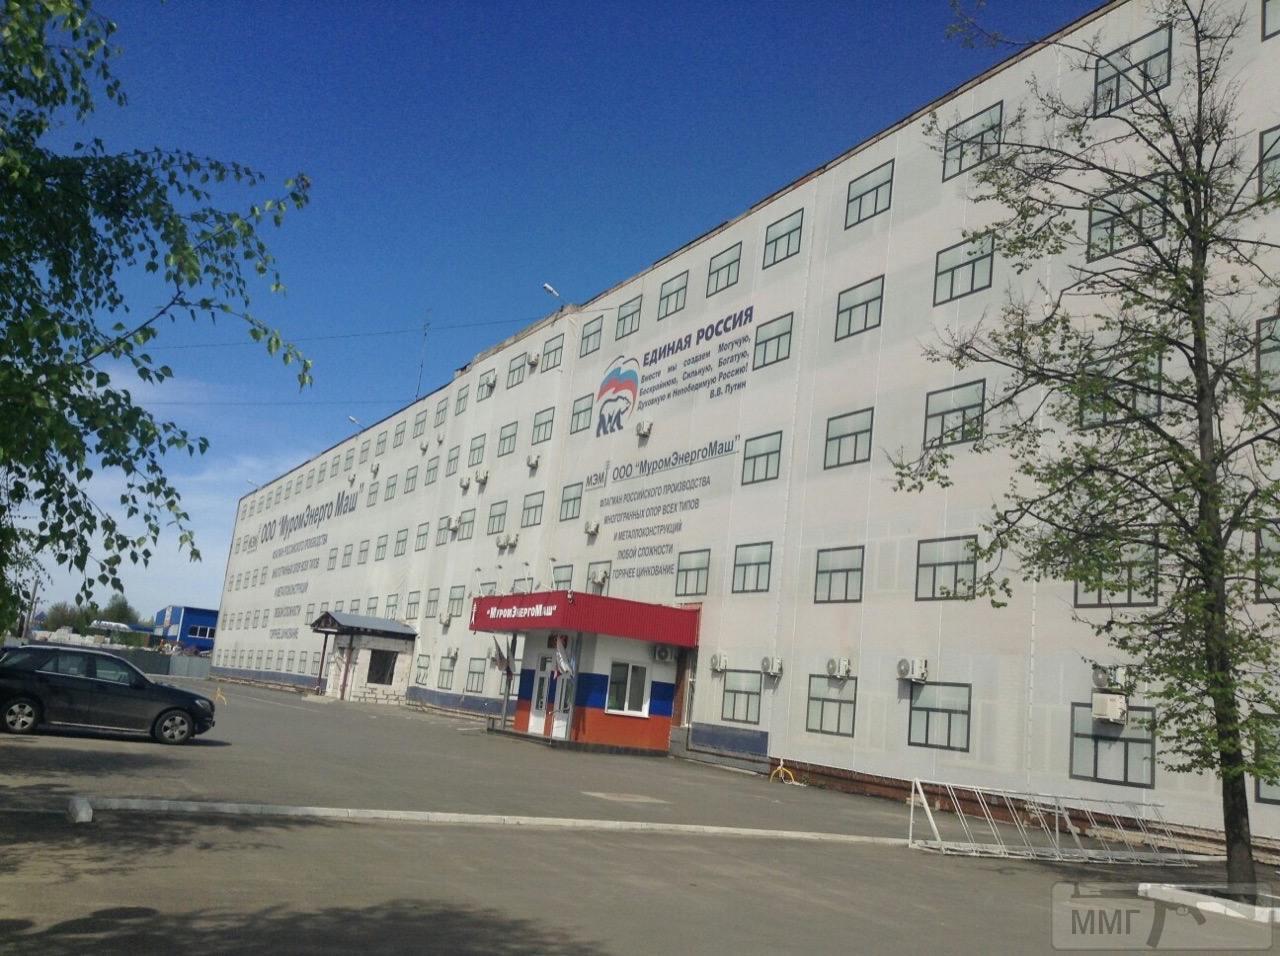 86437 - А в России чудеса!